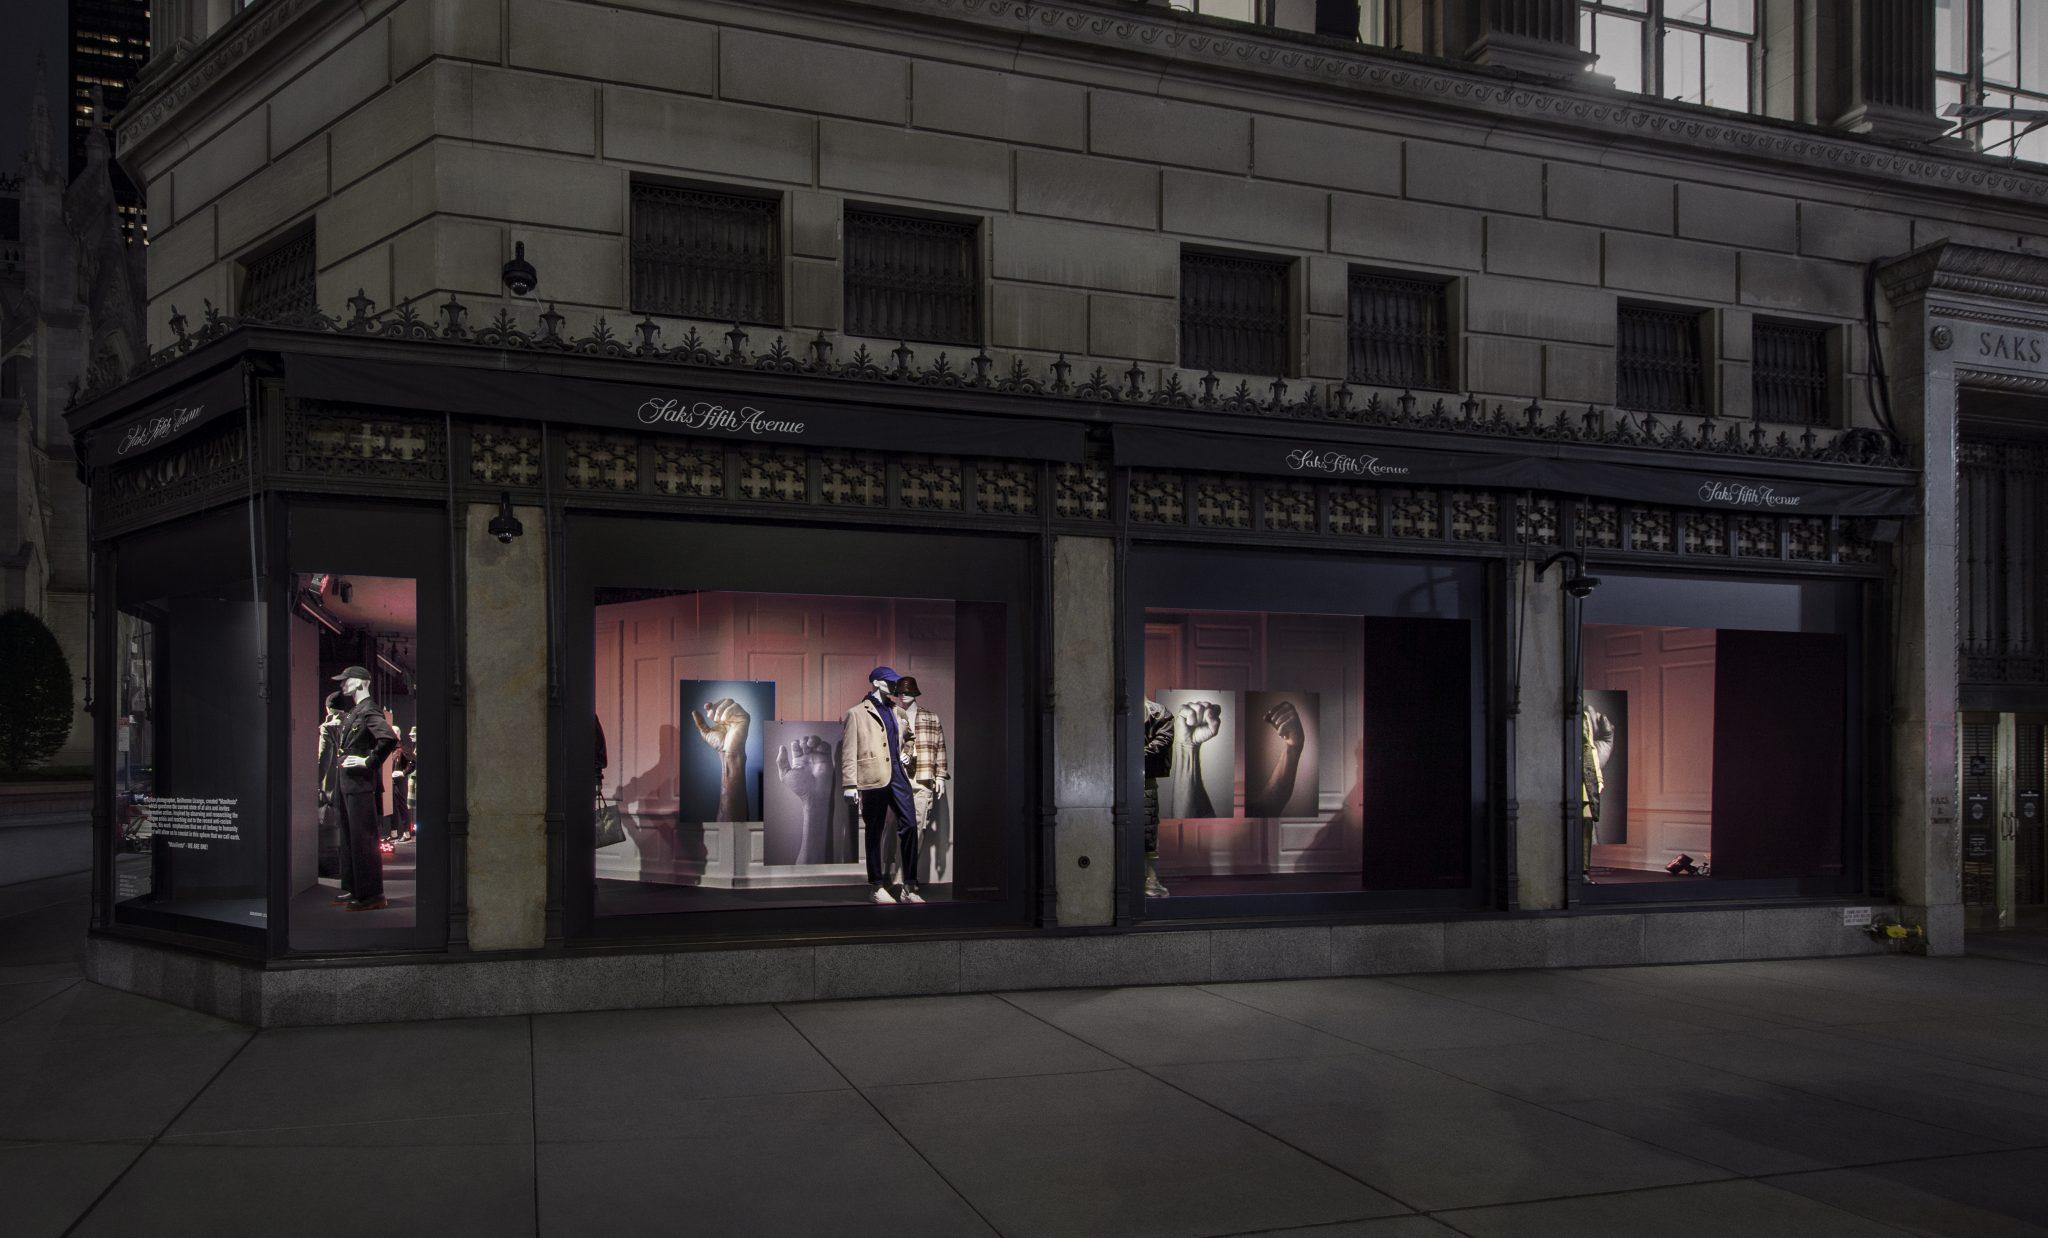 Punhos de refugiados: fotógrafo brasileiro estampa vitrines da icônica Saks, em Nova York 5